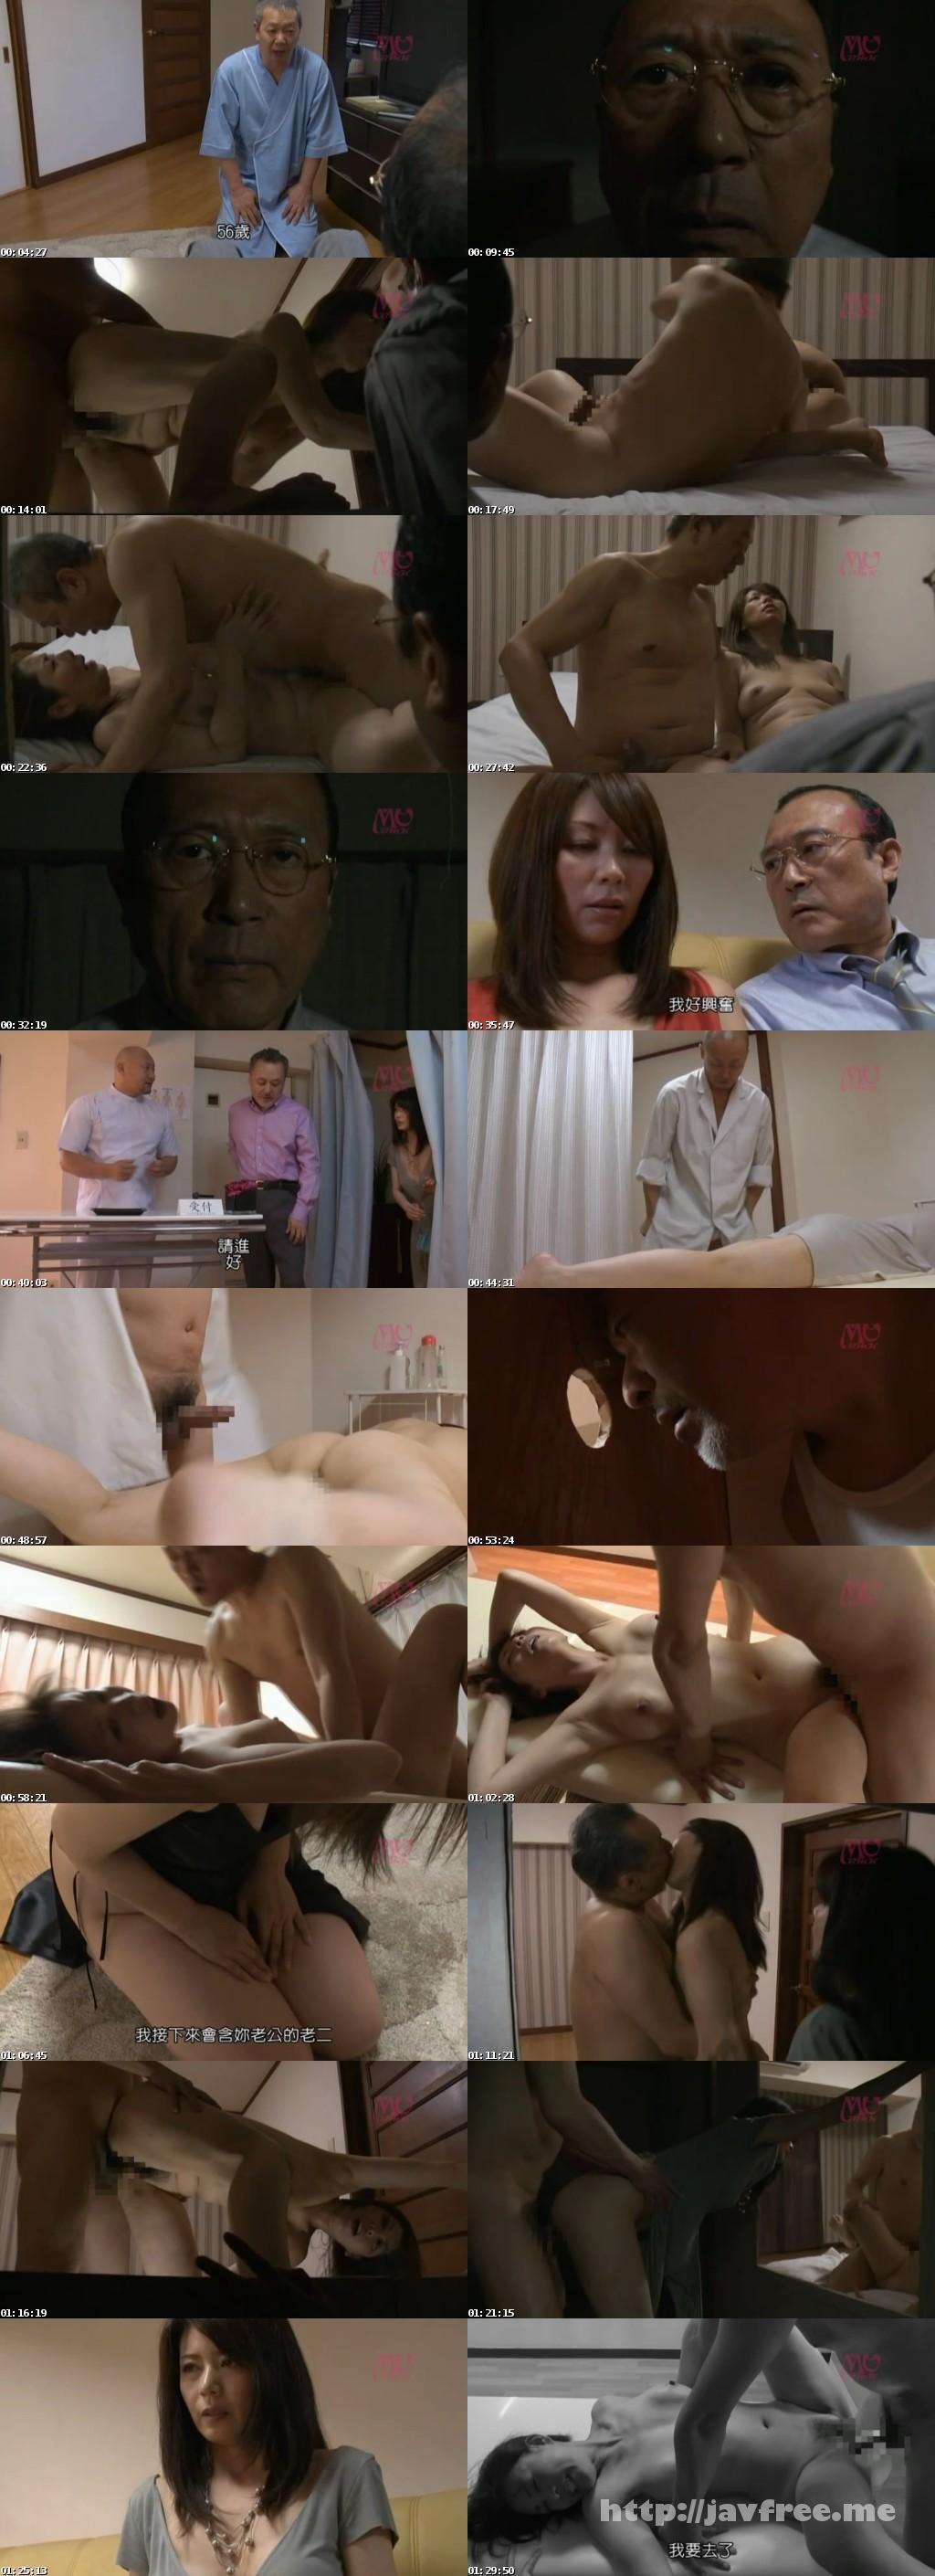 [HTMS 032] 夫婦交換のぞき 三浦恵理子 翔田千里 翔田千里 三浦恵理子 HTMS